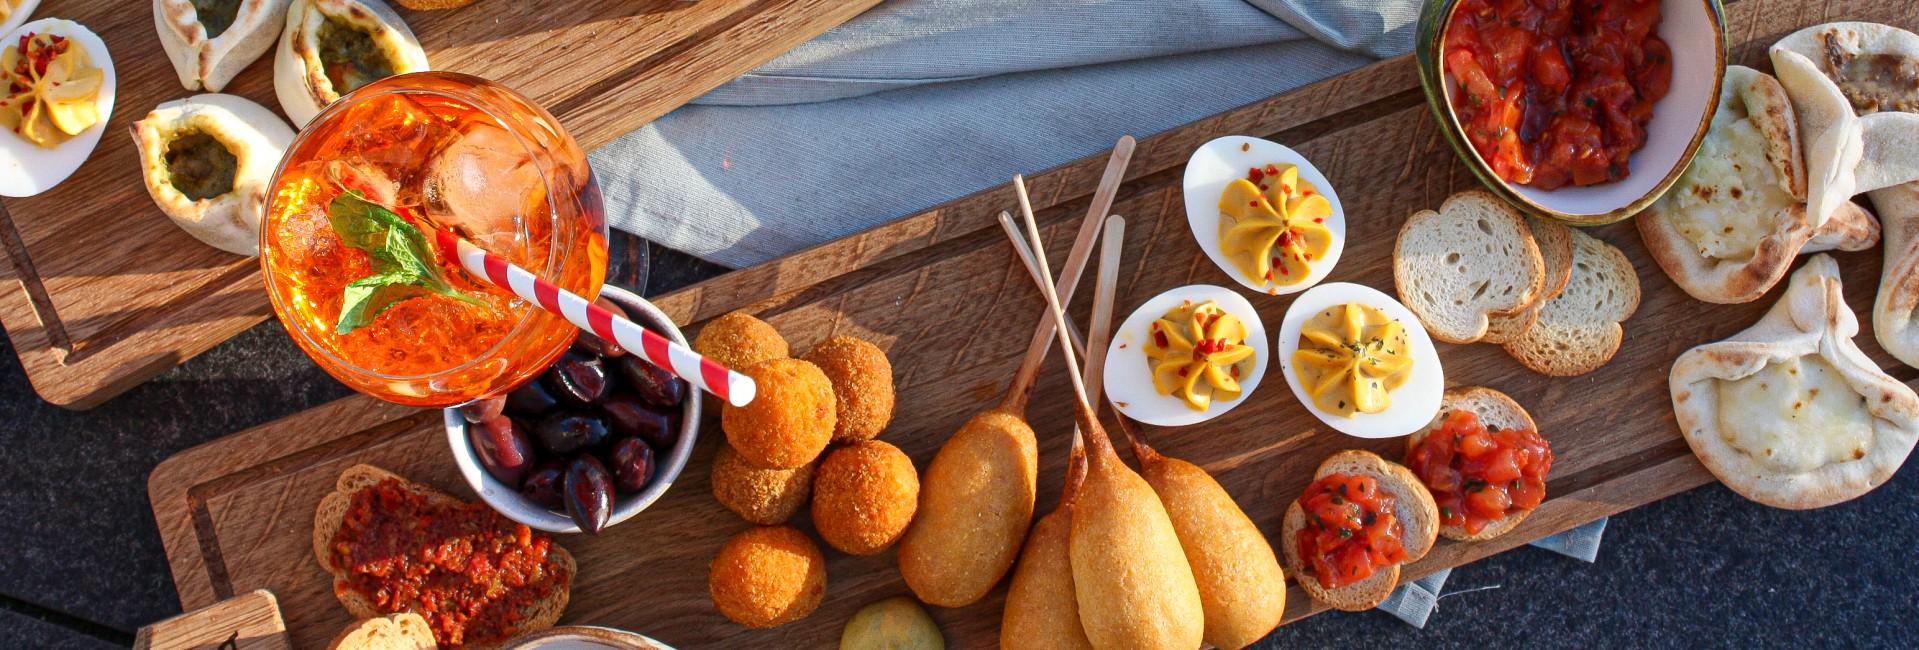 Borrelplank, gevuld ei, corndog, arancini